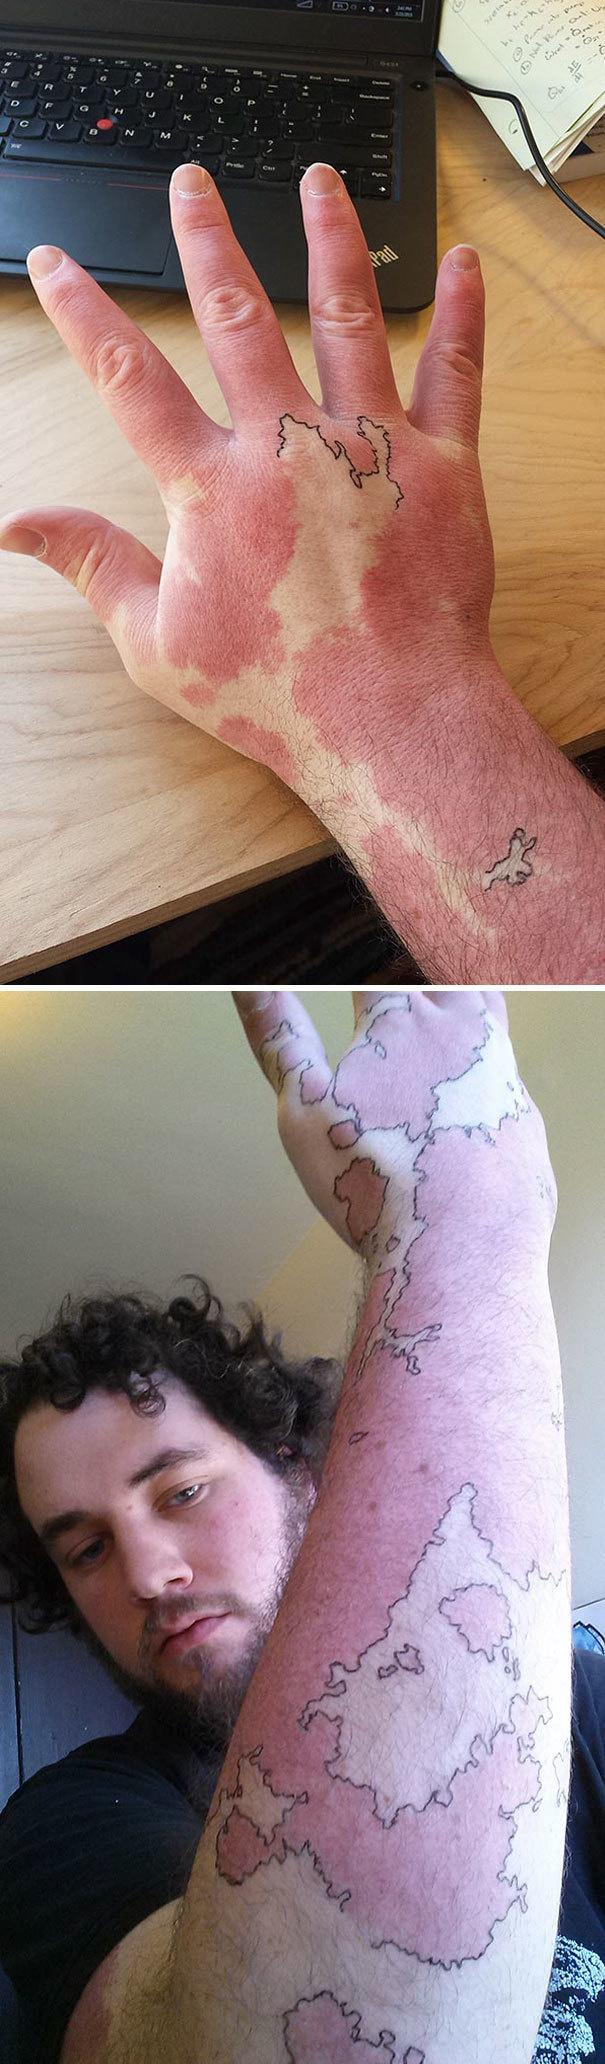 Родимое пятно – как карта воображаемого мира. И хотя это не татуировка, концепция действительно